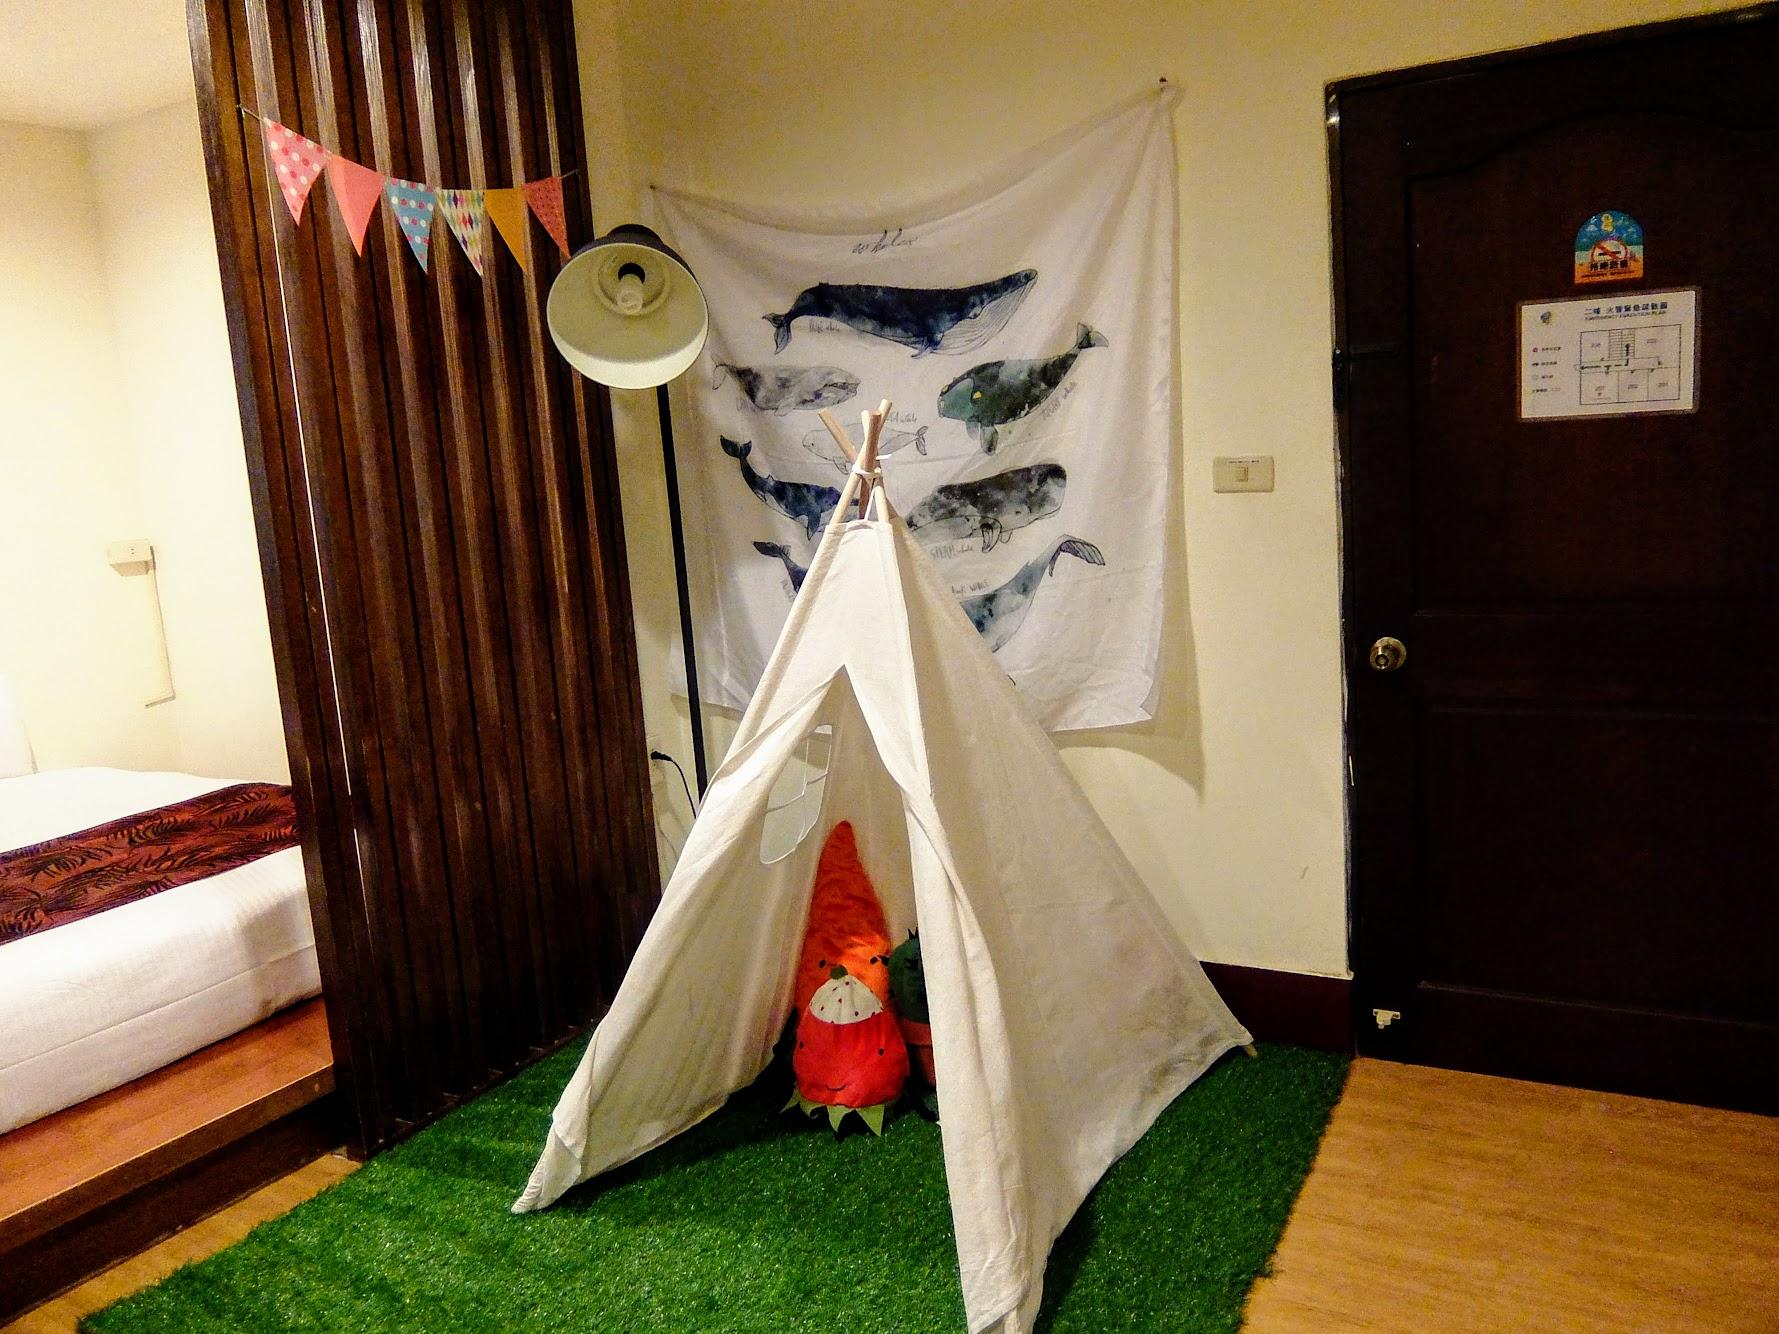 房間一景,就是這小帳篷,讓小孩子愛不釋手...